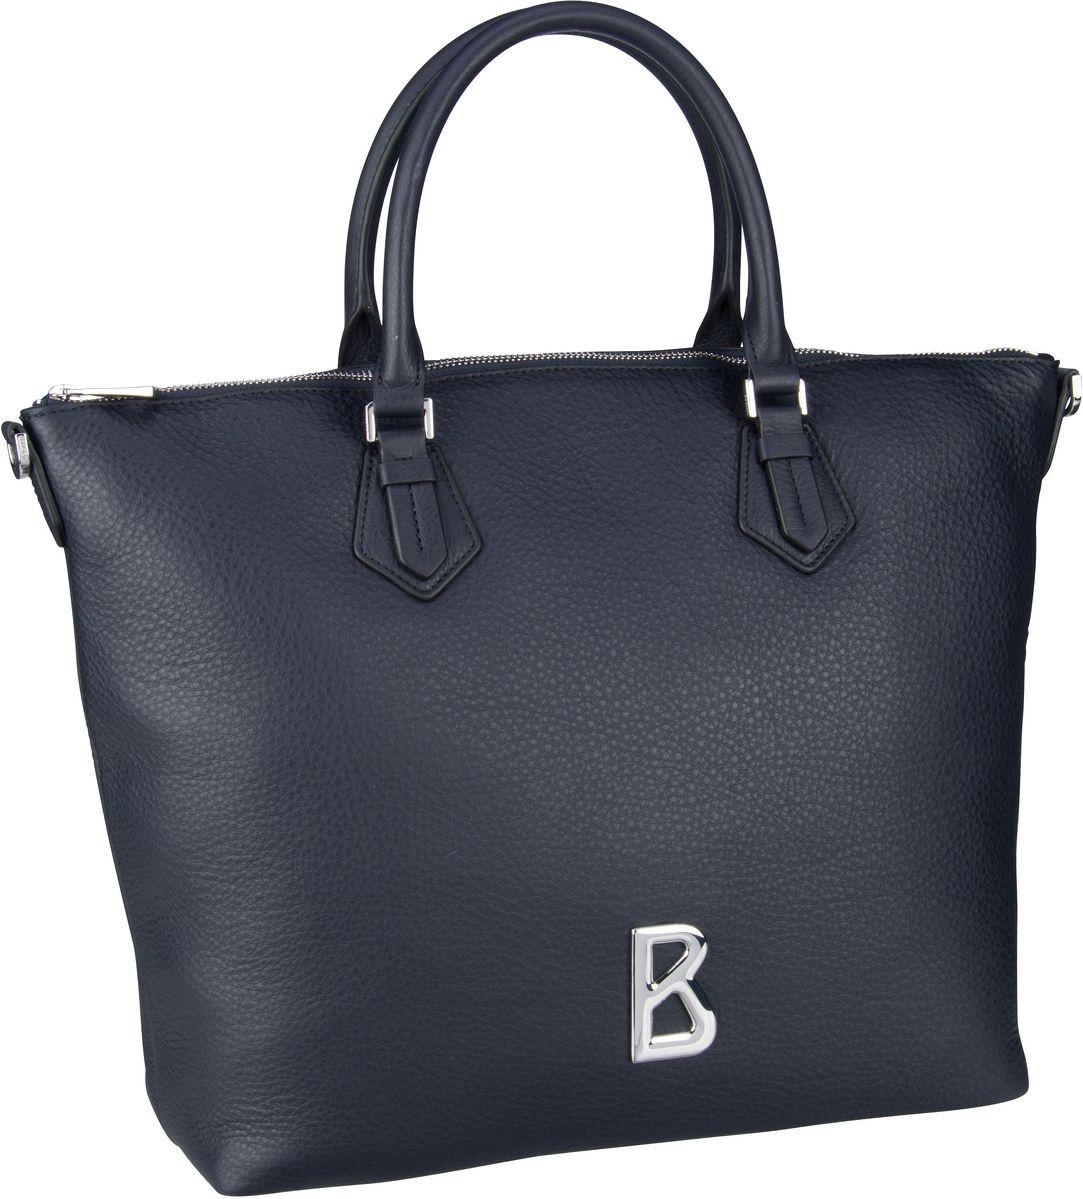 Handtasche Ladis Luisa Handbag LHZ Dark Blue